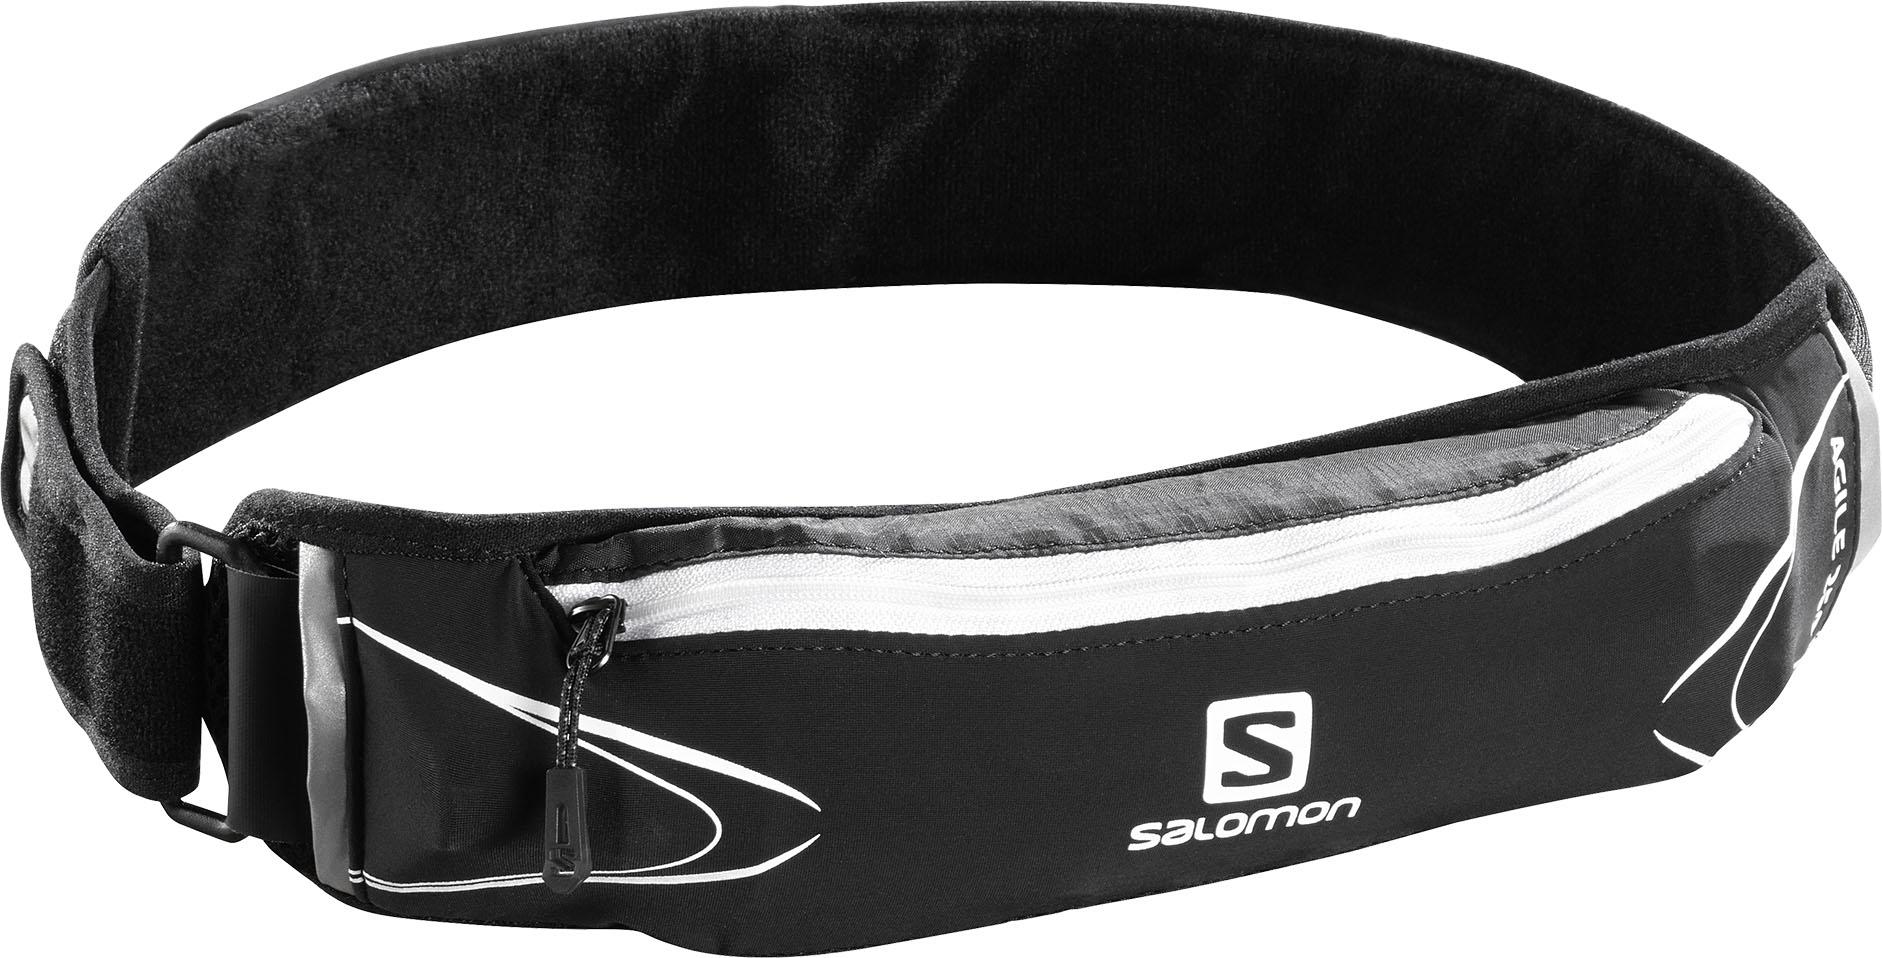 Salomon AGILE 250ML, tekaška torbica, črna